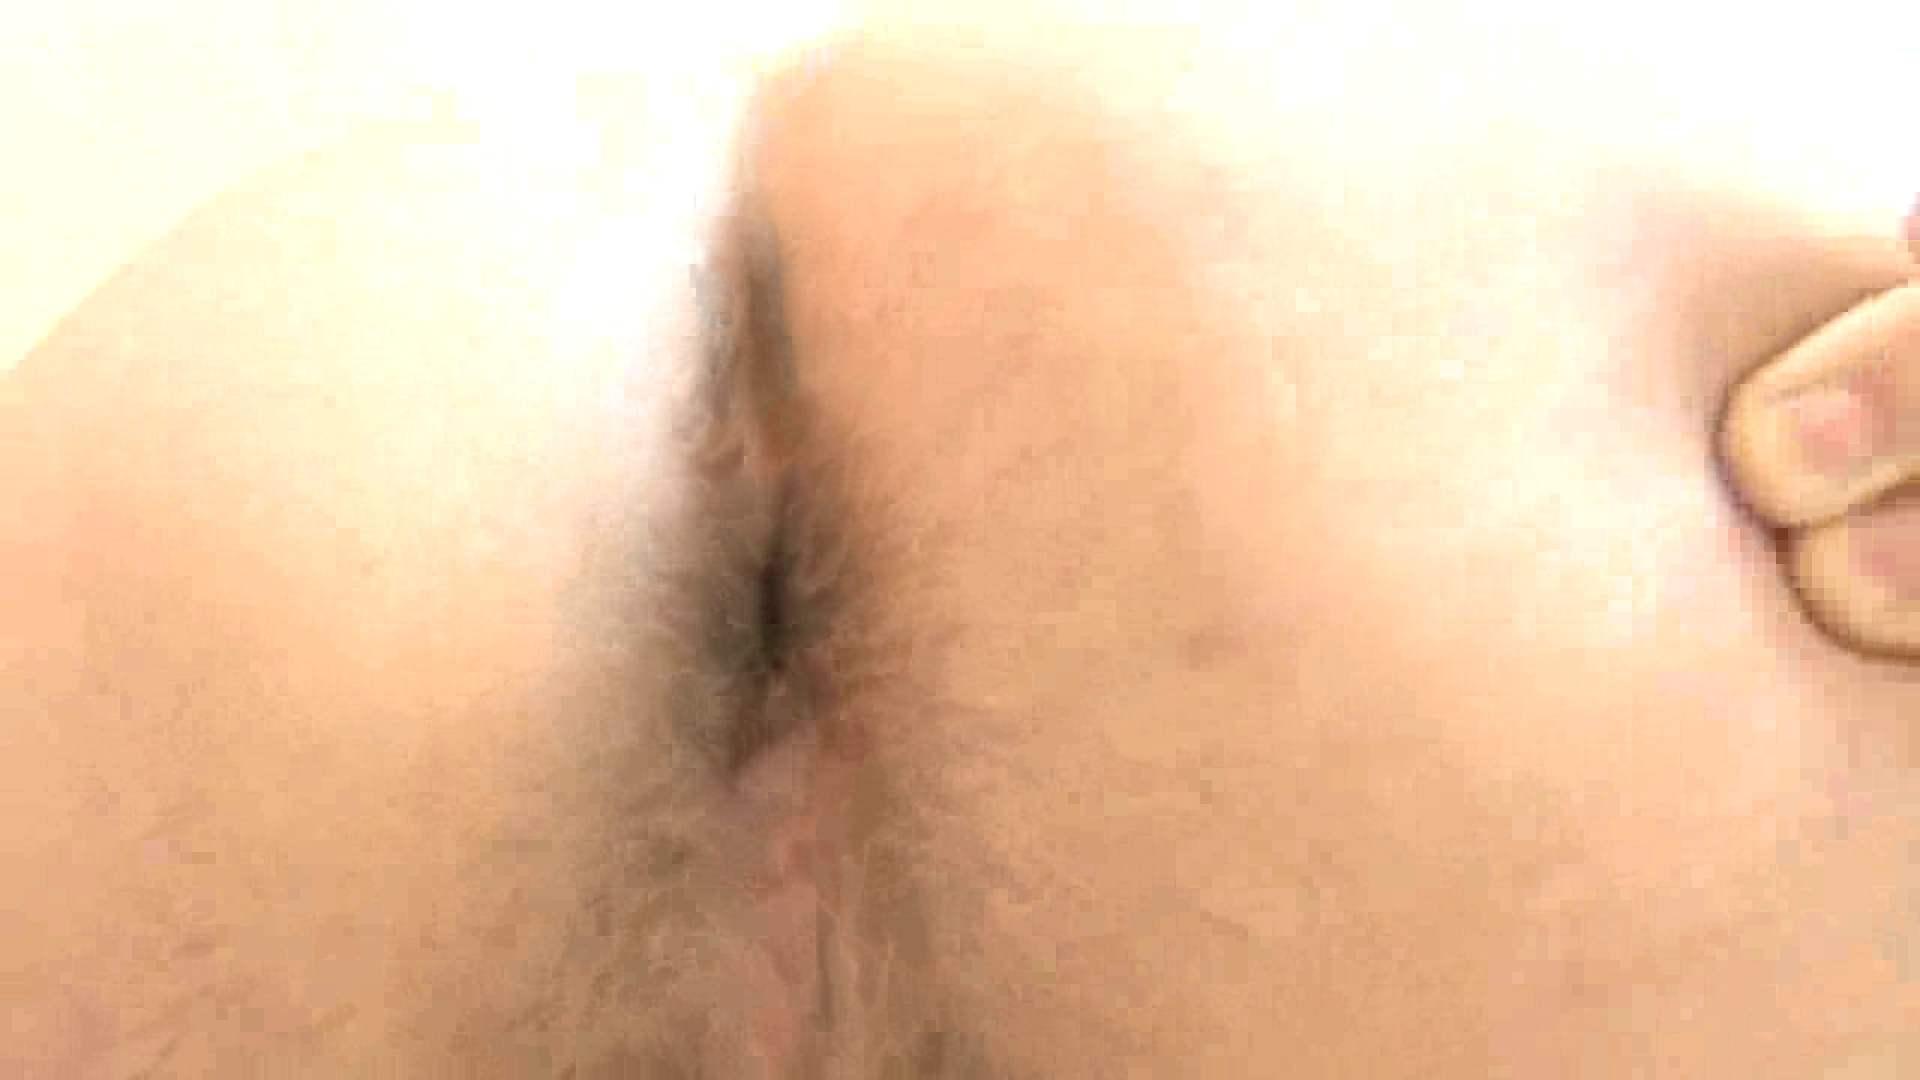 ノンケ!自慰スタジオ No.02 裸  110pic 89